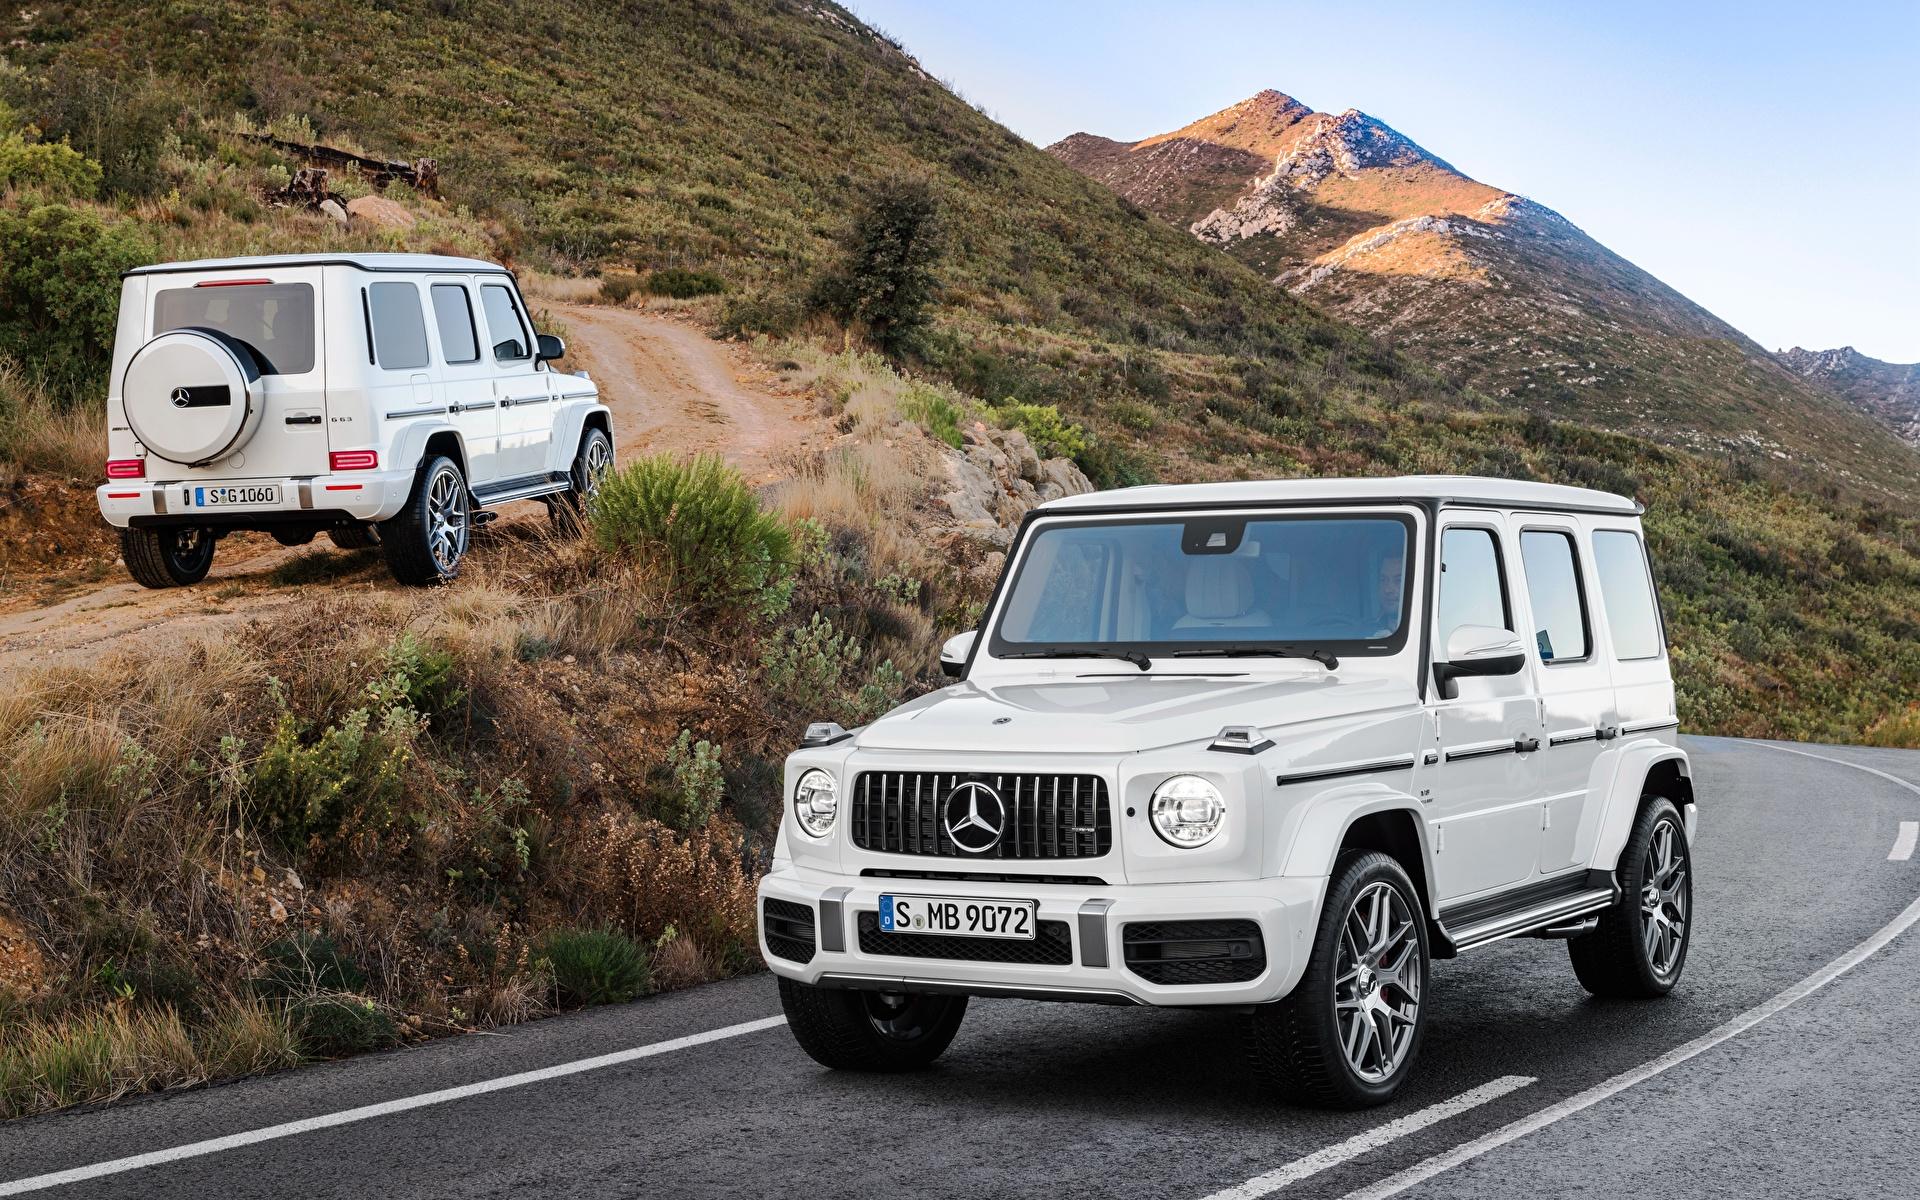 Картинки Mercedes-Benz Гелентваген 2018 G 63 Worldwide Двое Белый Машины Металлик 1920x1200 Мерседес бенц G-класс 2 белых белые белая вдвоем Авто Автомобили